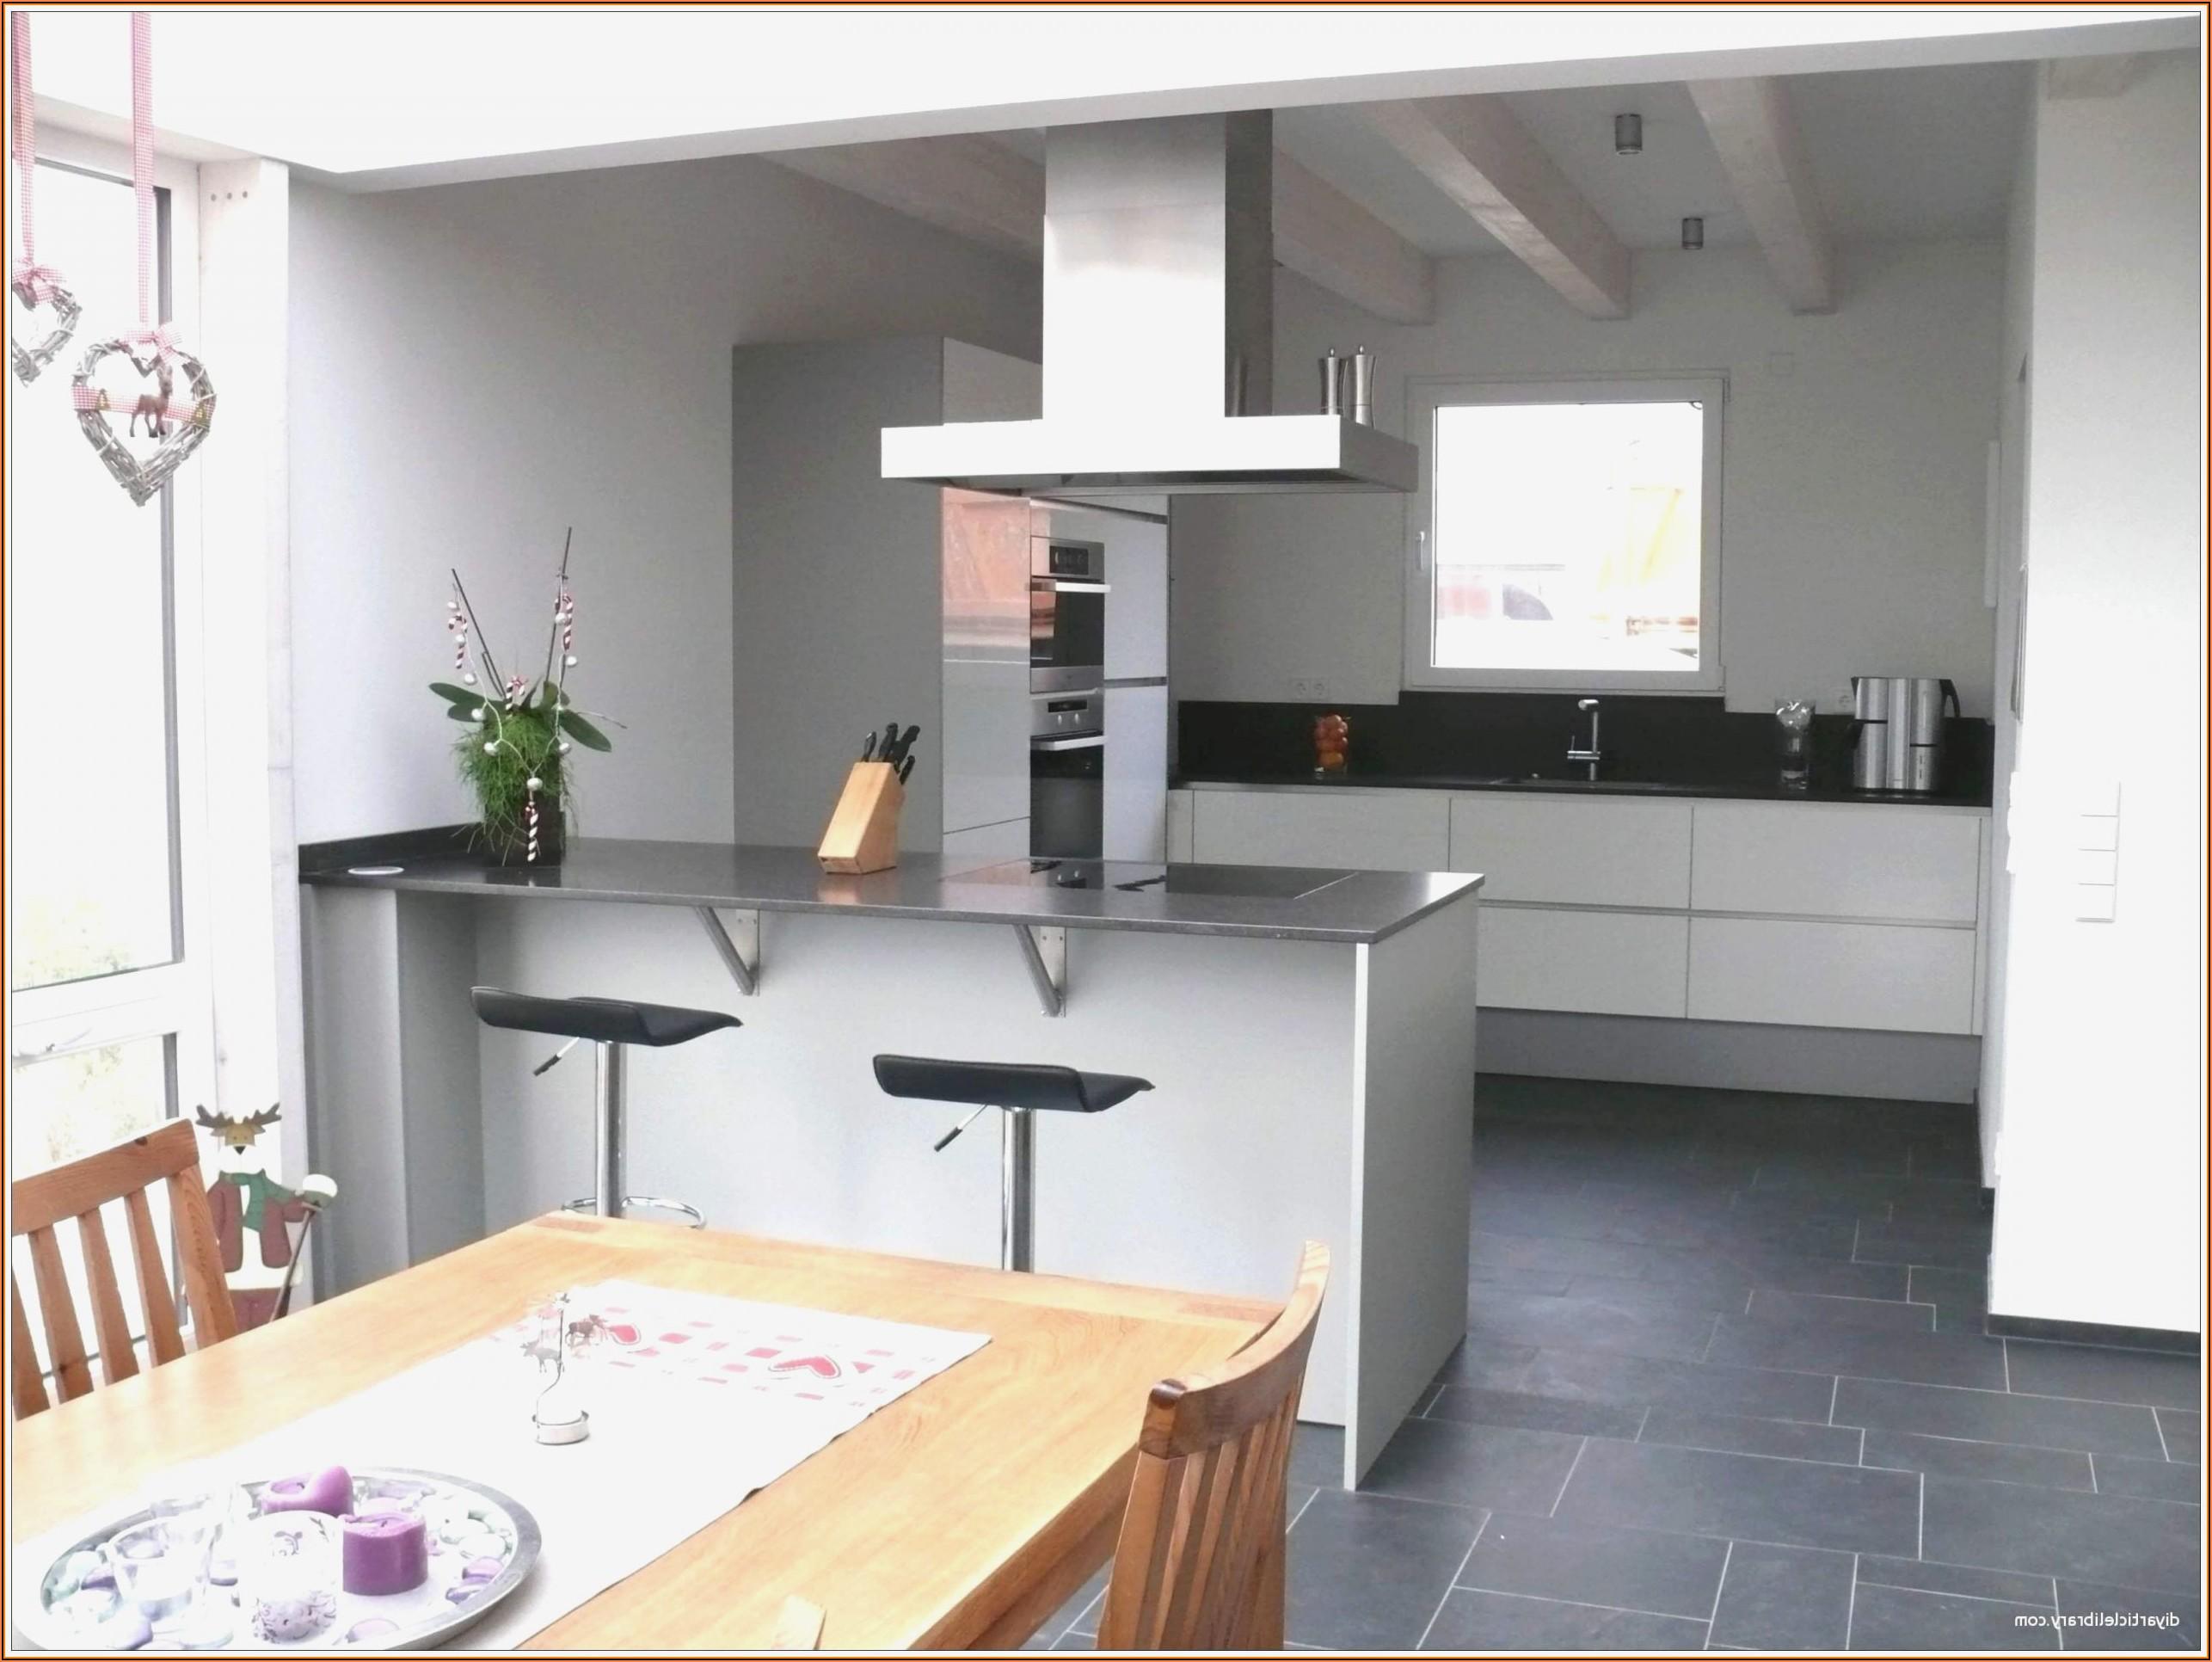 Küche Esszimmer Wohnzimmer In Einem Raum Grundriss